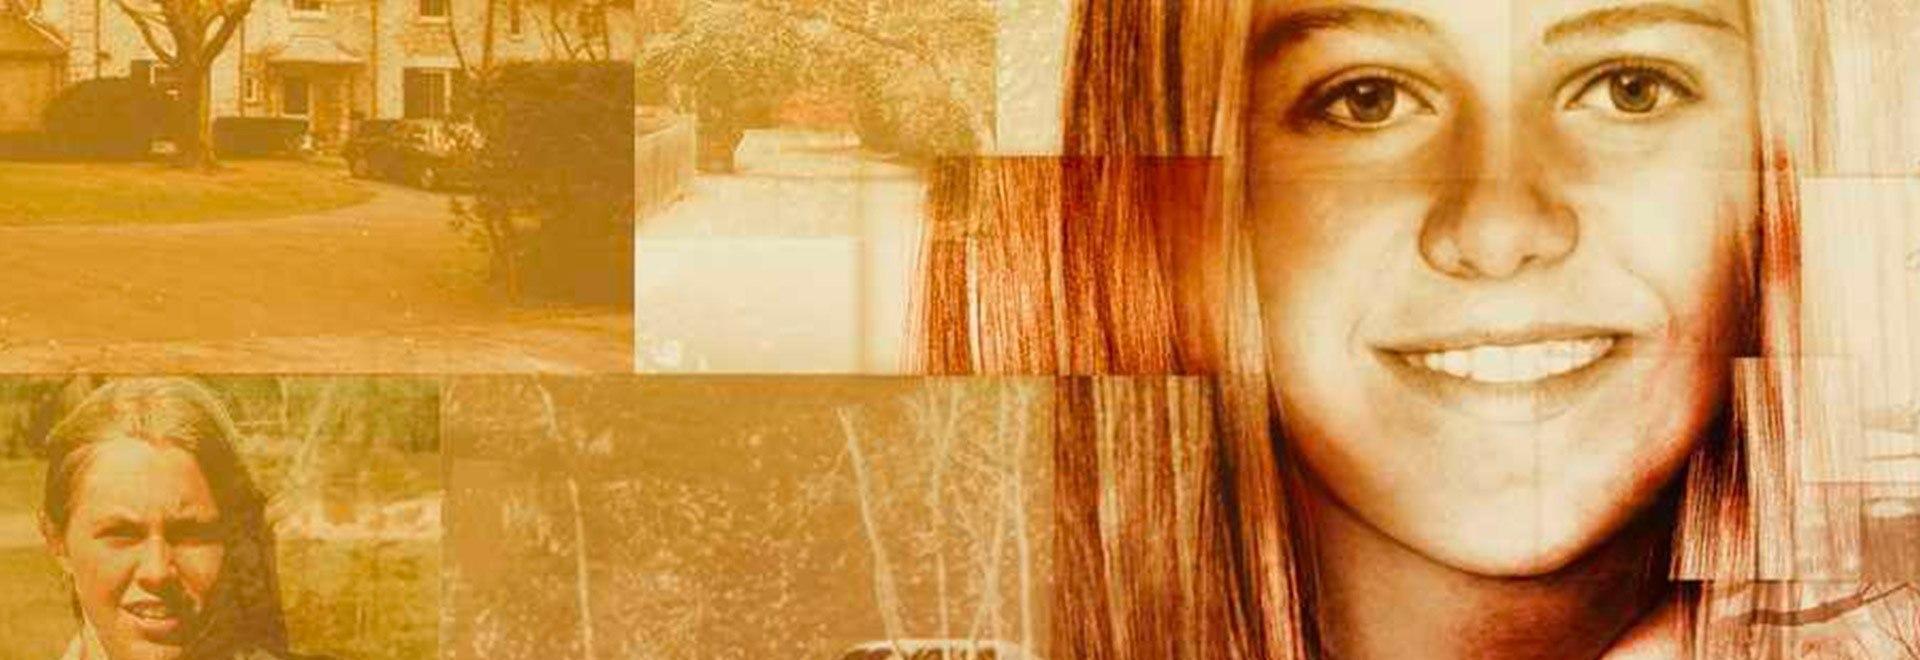 Martha Moxley: diario di un delitto